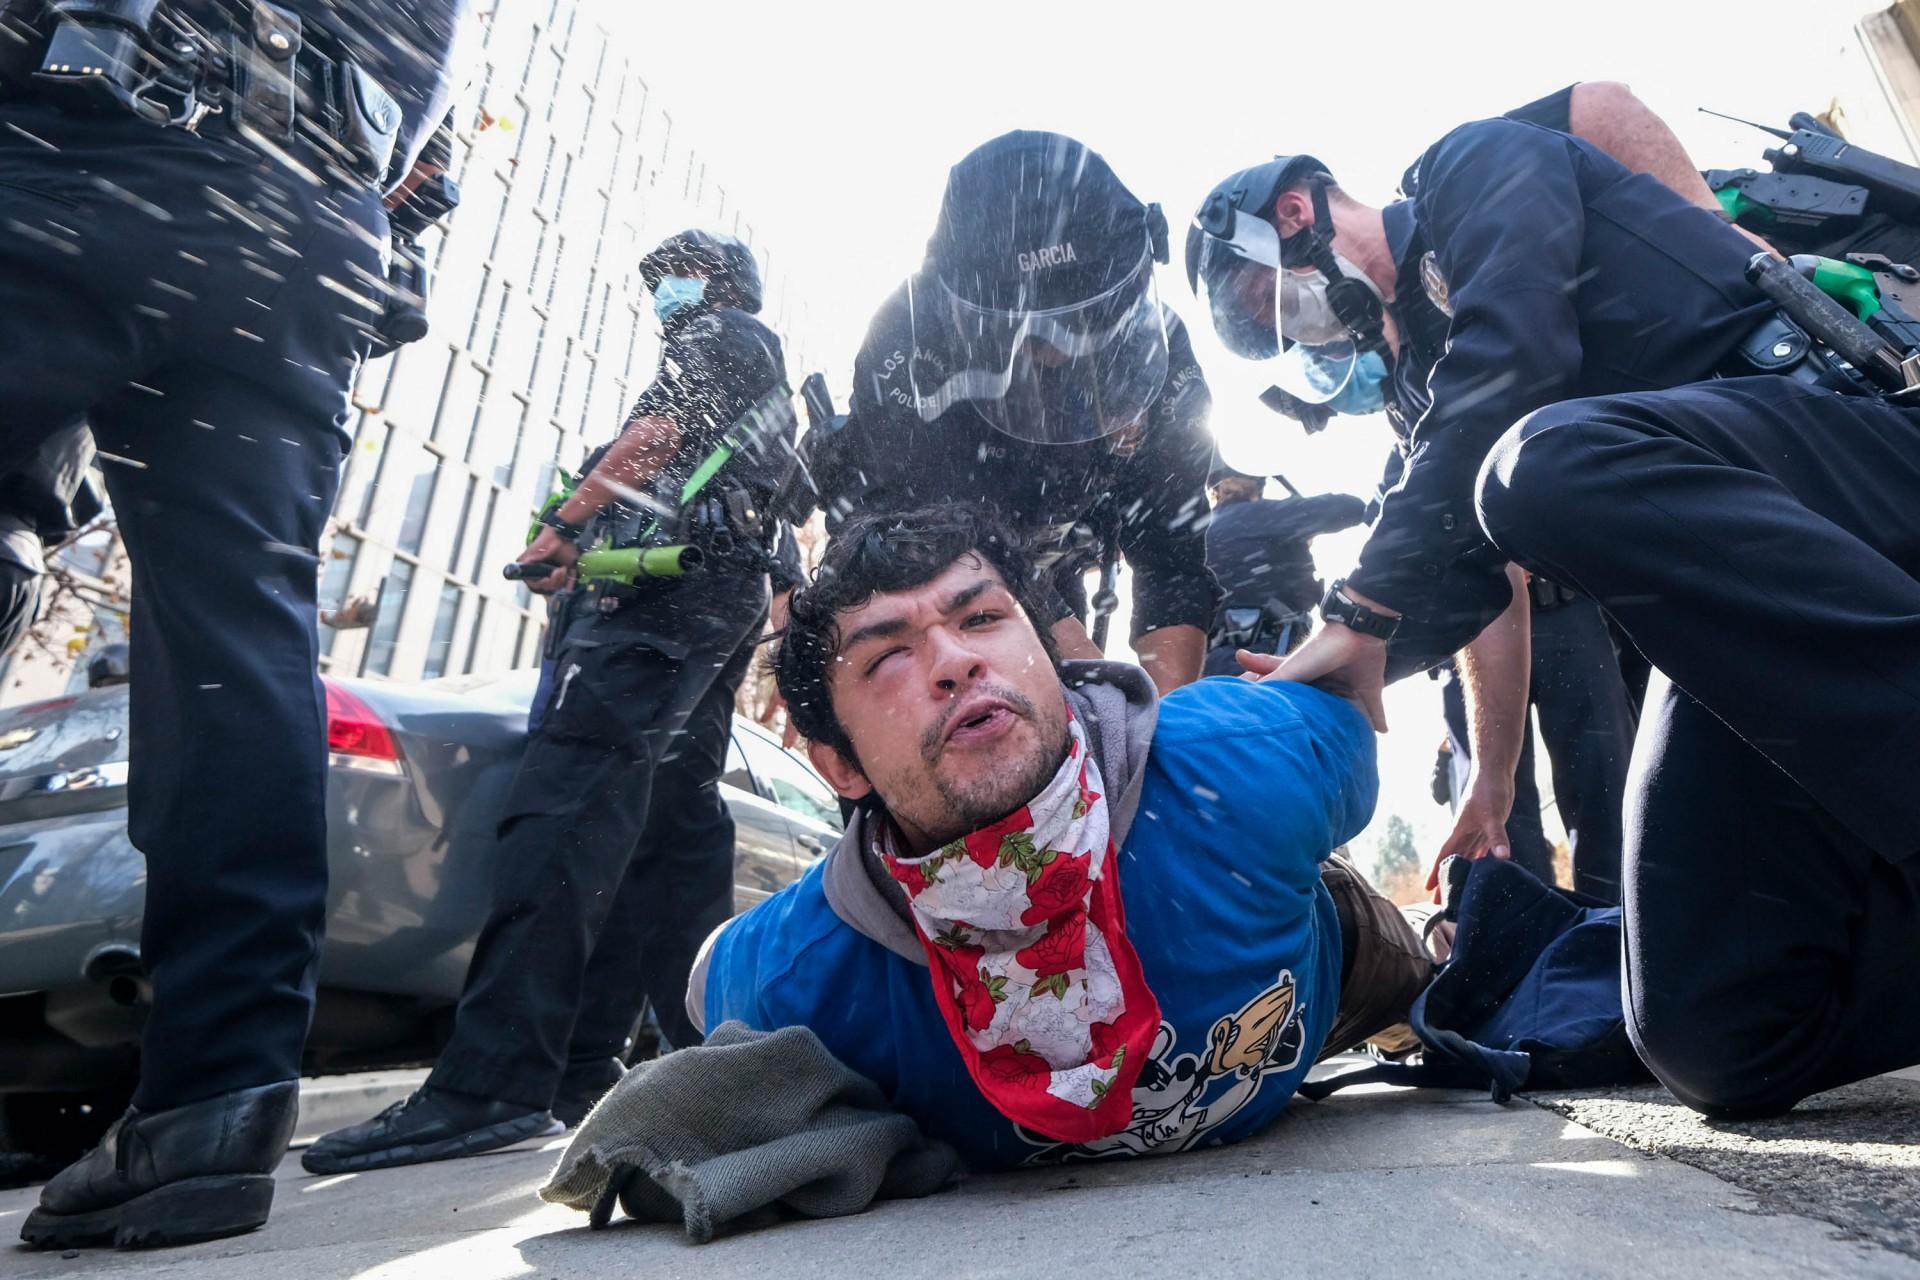 (Foto: RINGO CHIU / AFP)Um manifestante cospe enquanto é detido por policiais após uma briga estourada durante um protesto em apoio ao presidente dos EUA, Donald Trump, em Los Angeles em 6 de janeiro de 2021. - Os apoiadores de Trump, alimentados por suas afirmações espúrias de fraude eleitoral, estão protestando contra o esperado certificação da vitória de Joe Biden na Casa Branca pelo Congresso dos EUA em 6 de janeiro. (Foto: RINGO CHIU / AFP)